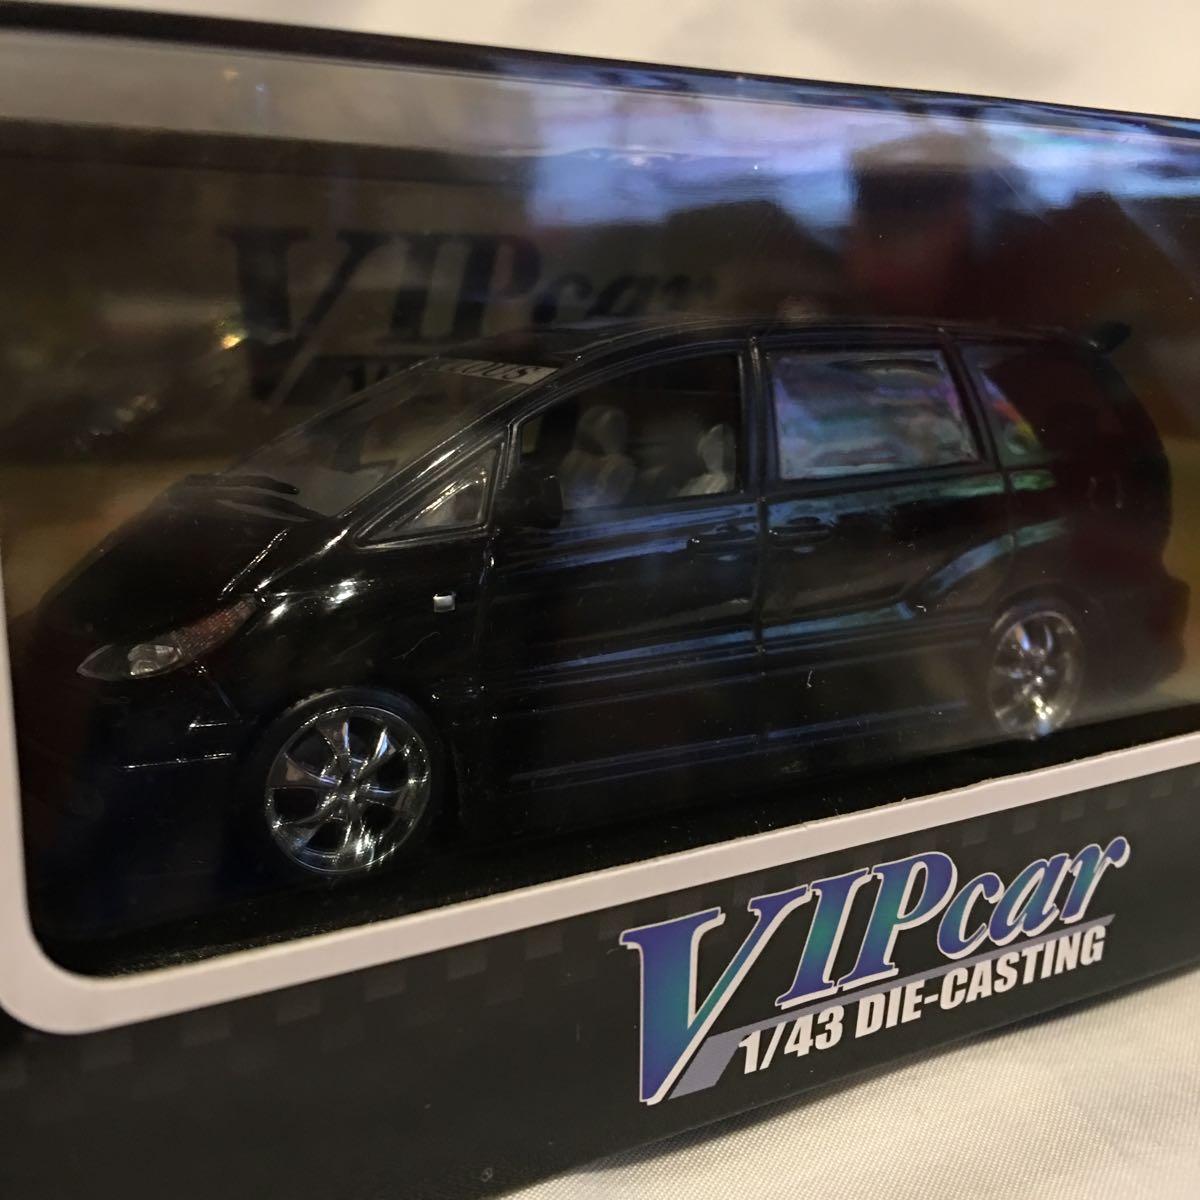 アオシマ 1/43 FABULOUS ACR MCR トヨタ エスティマ ブラック ミニカー ファブレス エアロ ホイール カスタム モデルカー 黒色 ESTIMA_画像1